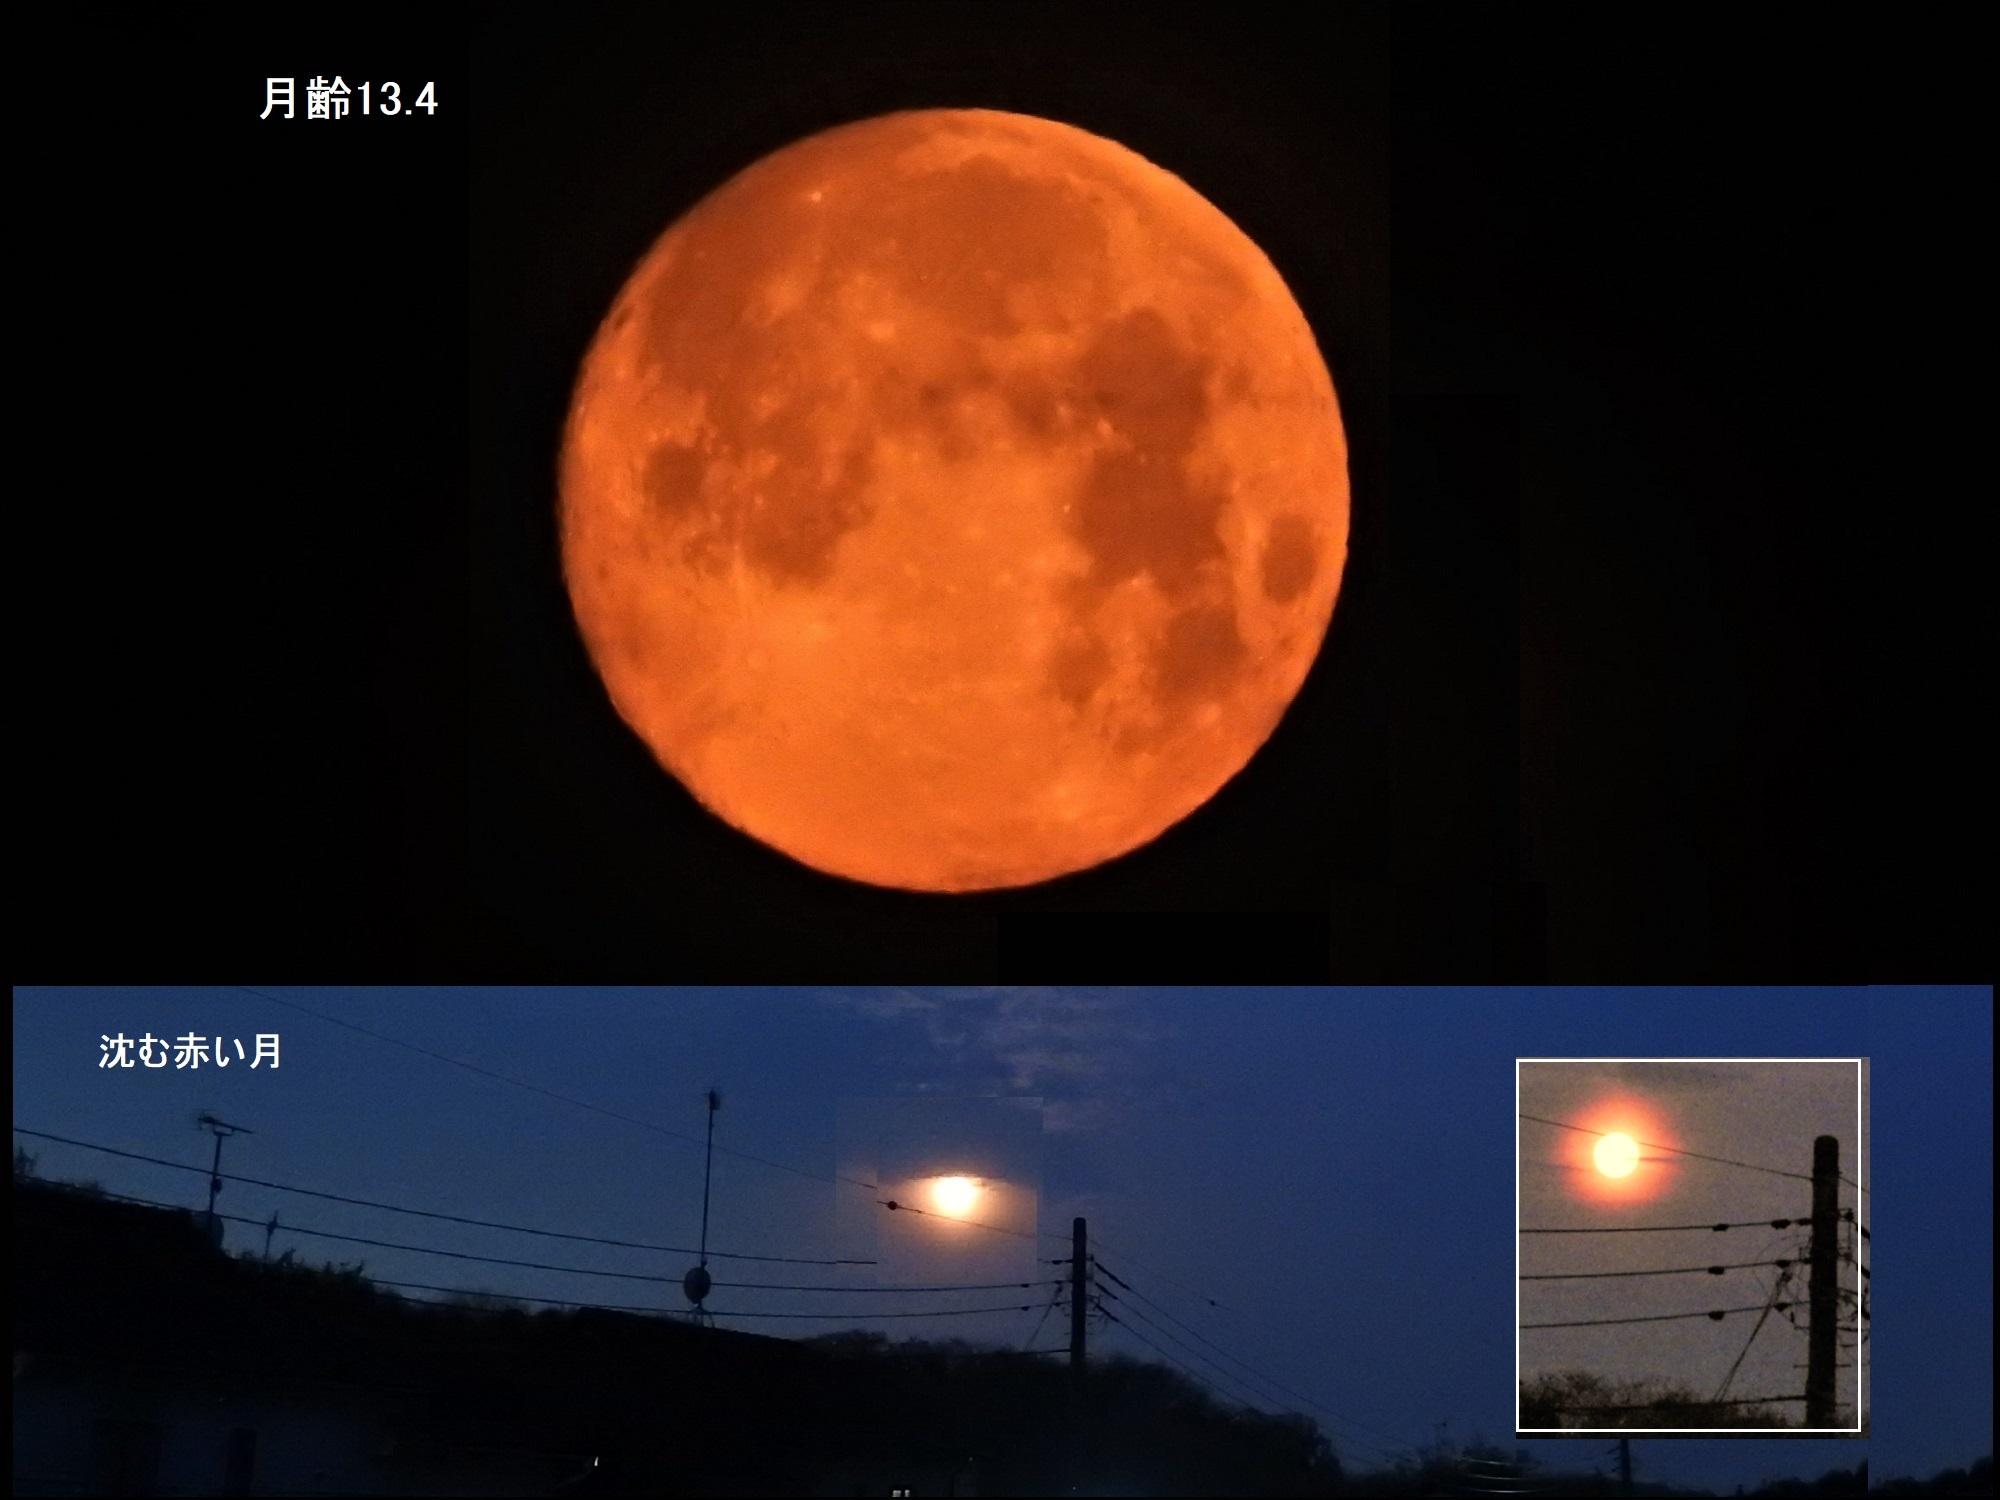 54748: 沈む赤い月 by エッチャン - 天体写真ギャラリー